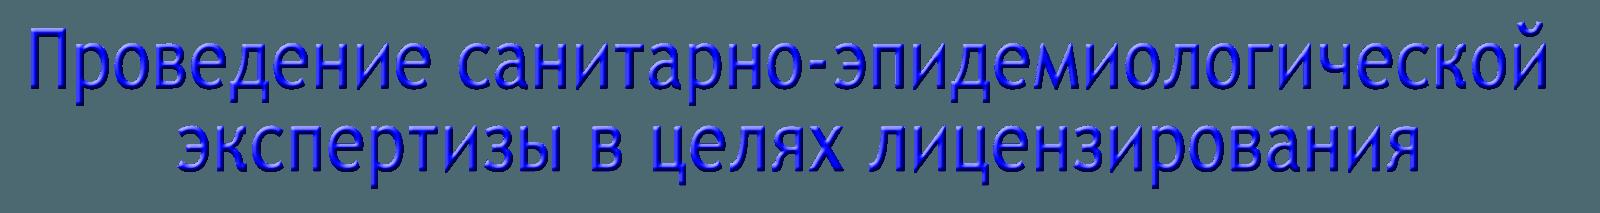 Медицинская книжка центр гигиены и эпидемиологии в Звенигороде